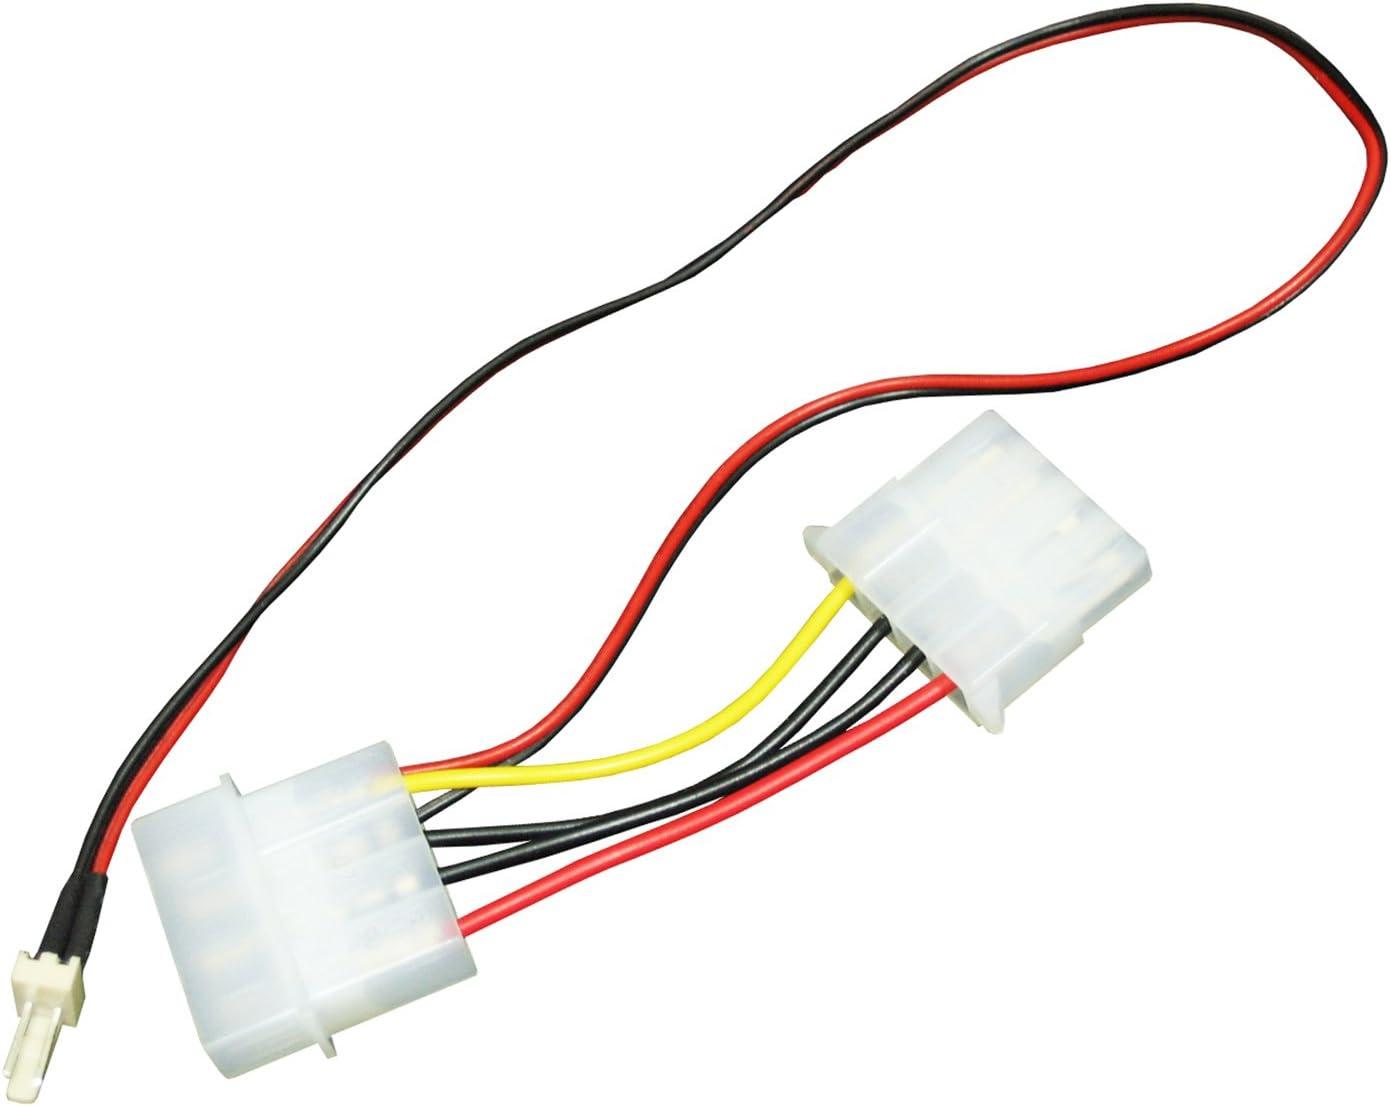 Aabcooling C16 Lüfter Adapter Kabel Netzteil 4pin Molex Elektronik